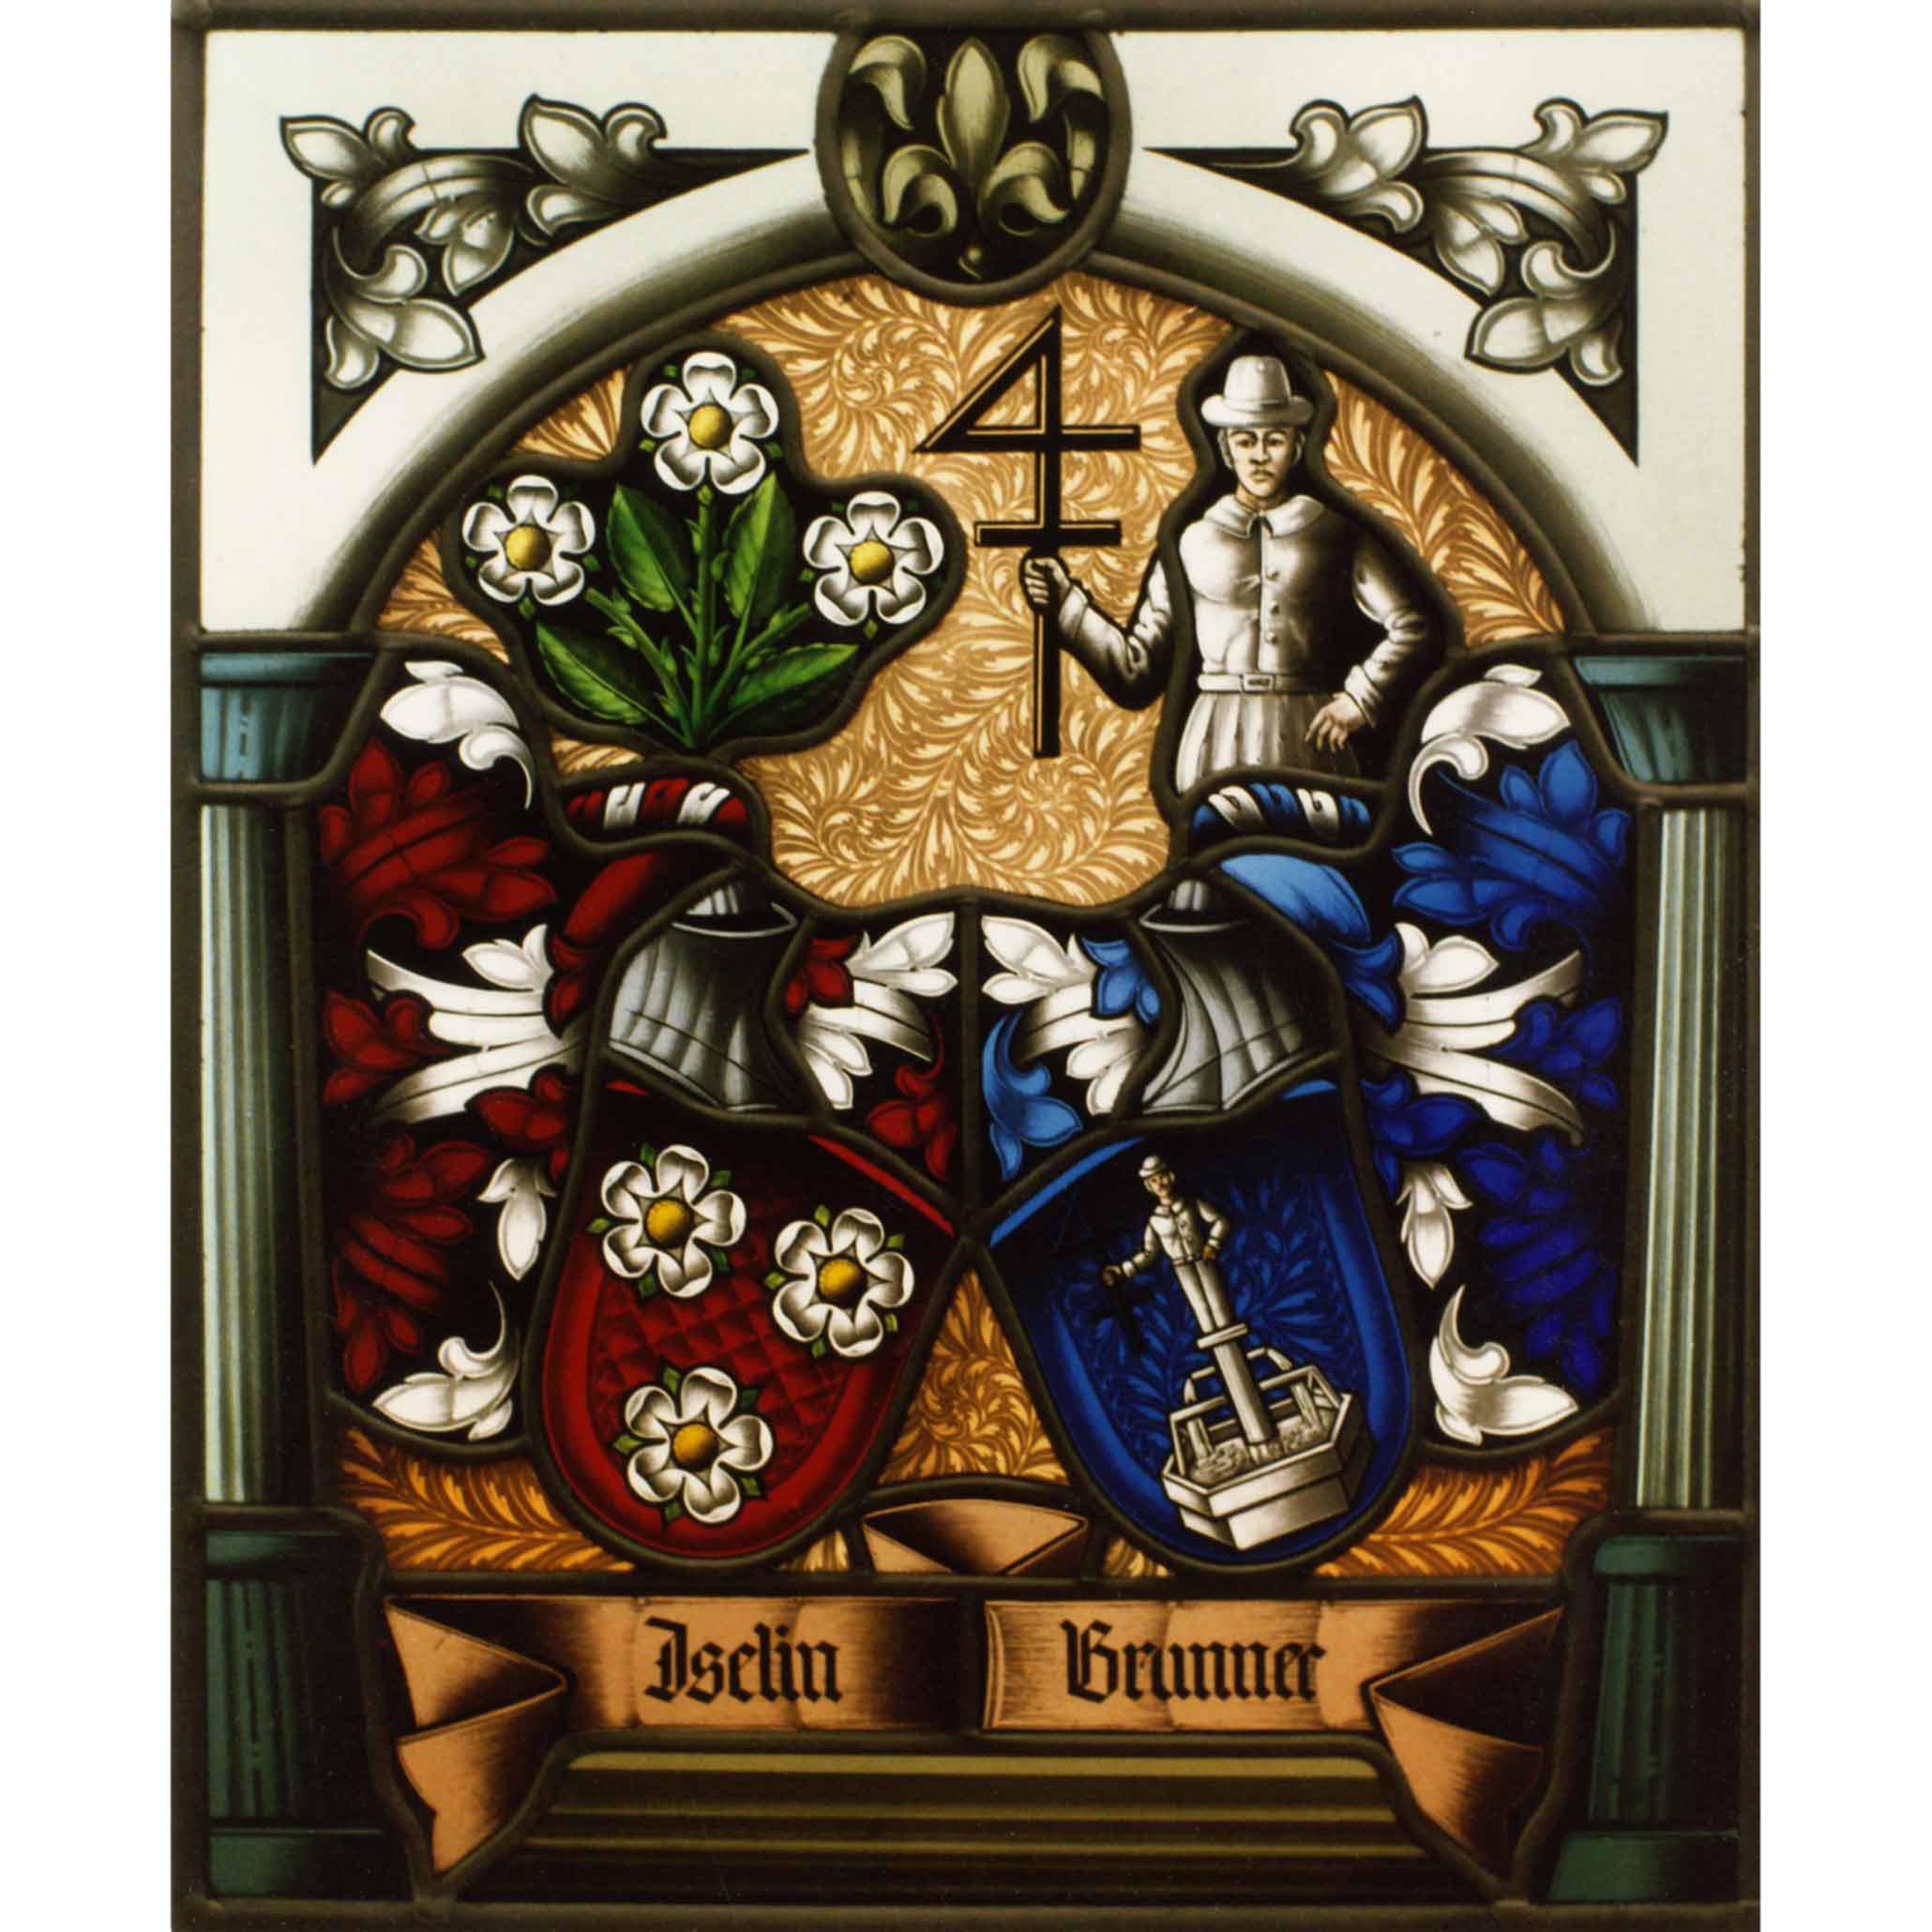 Allianz - Familienwappen radiert - Wappenscheibe-Glasmalerei- Bleiverglasung